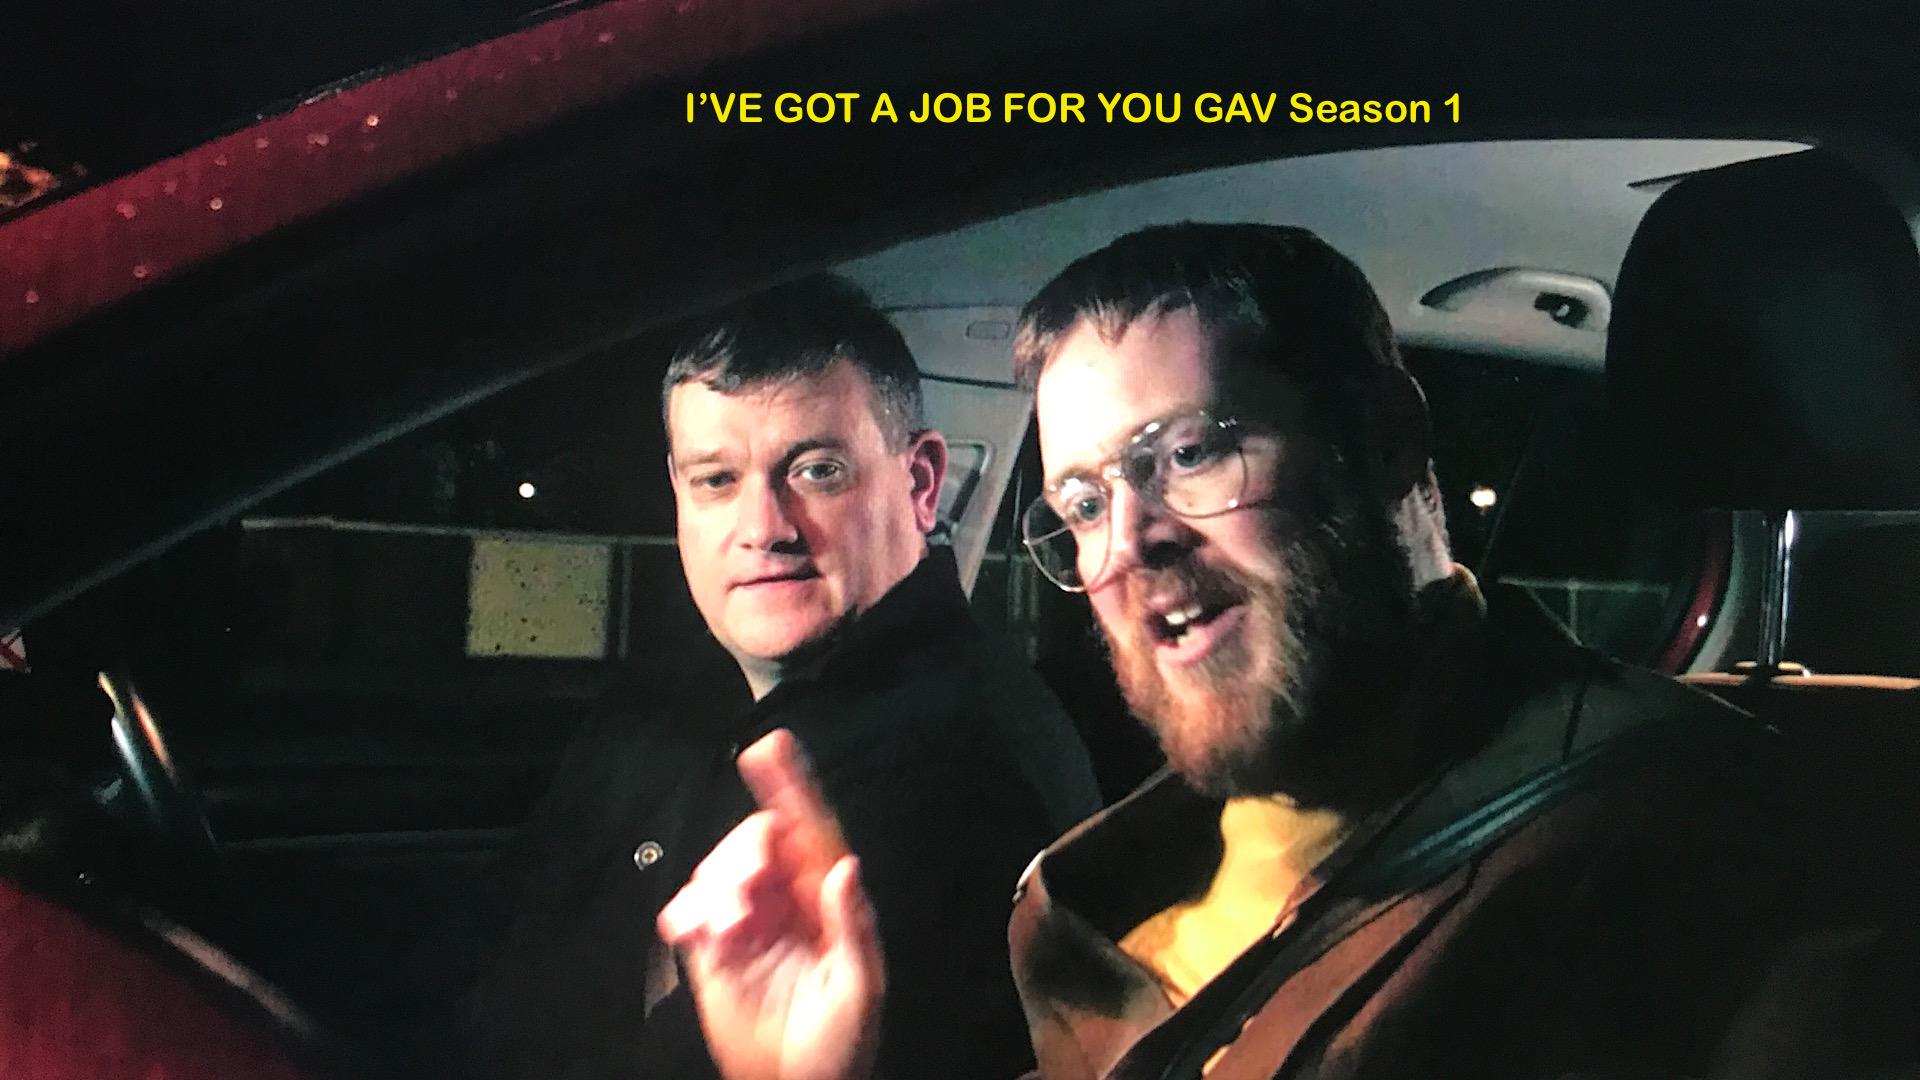 I've Got A Job For You Gav